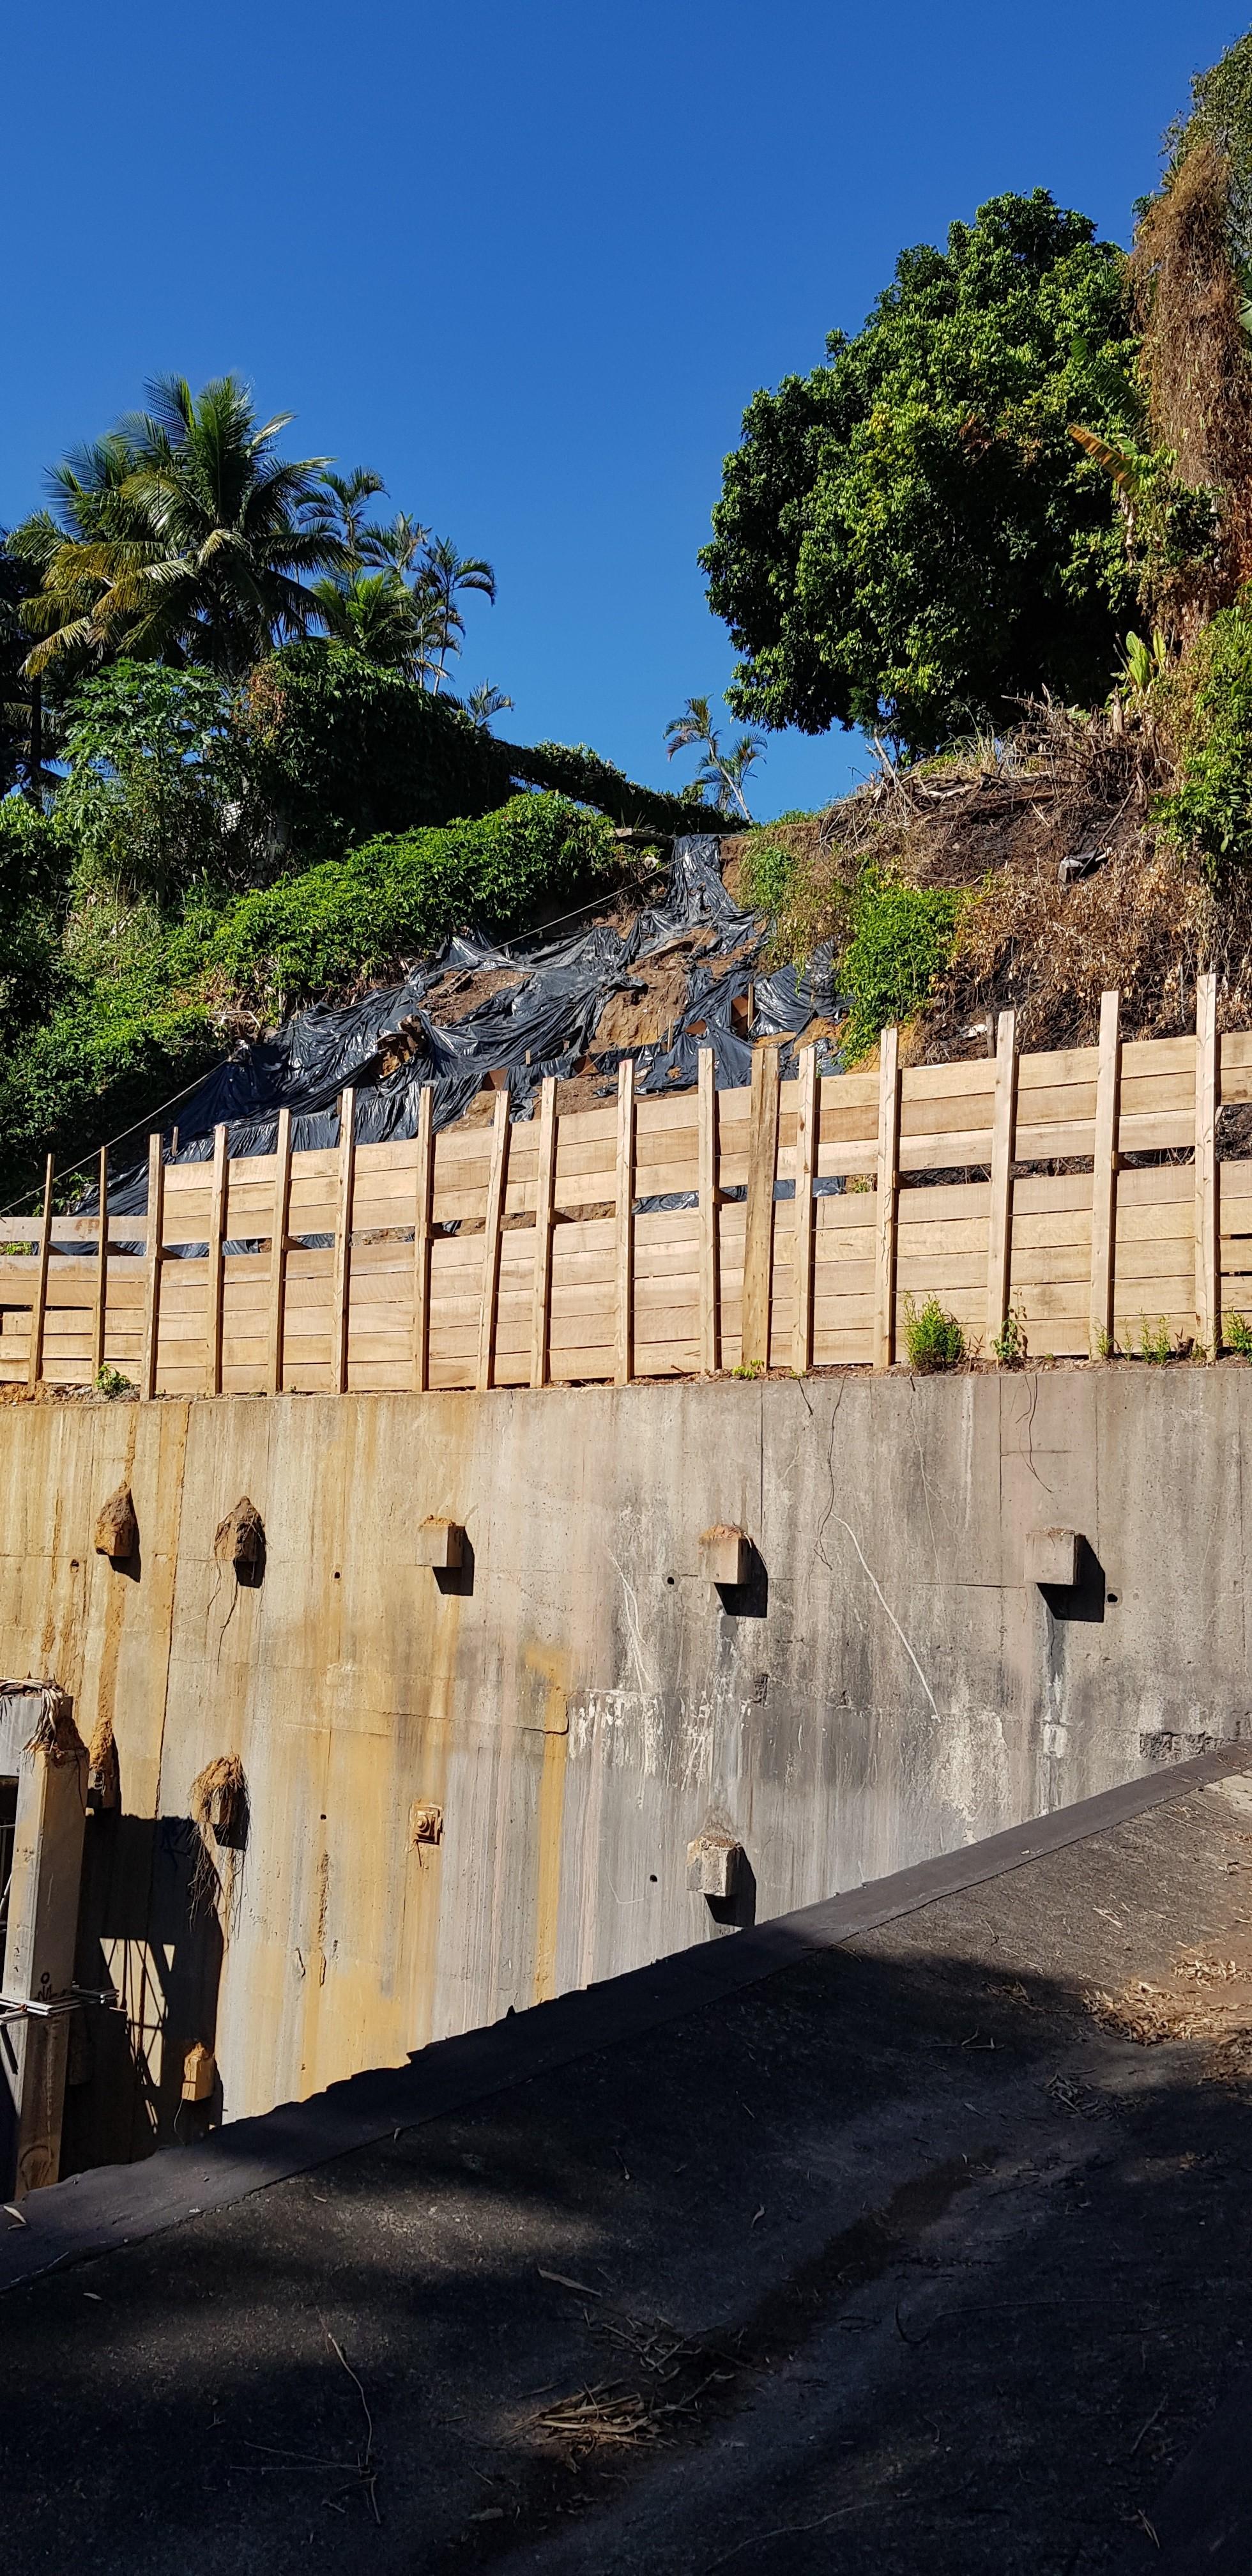 Desabamento do túnel Rafael Mascarenhas